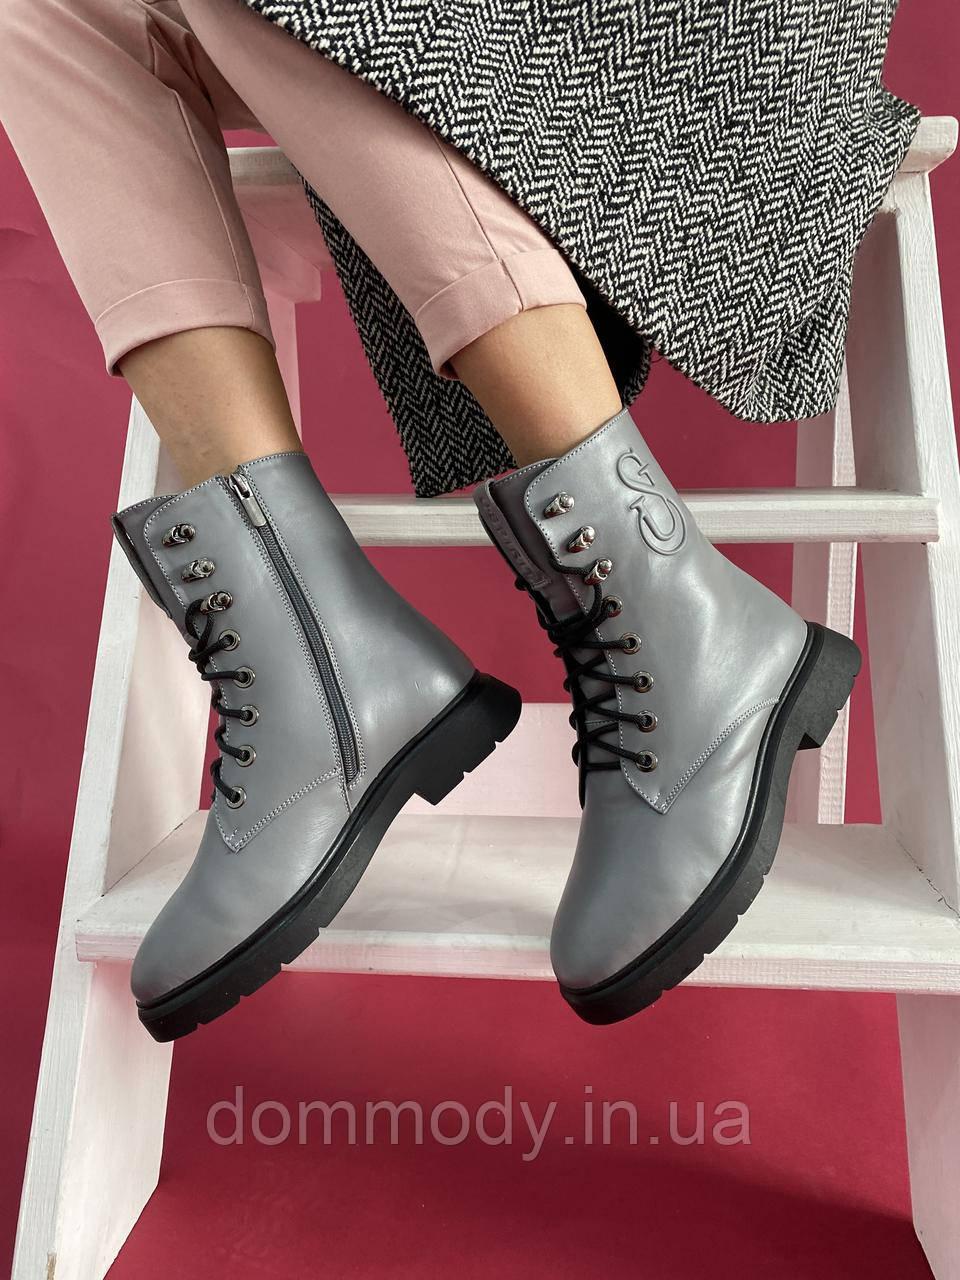 Жіночі зимові ботинки зі шкіри сірого кольору